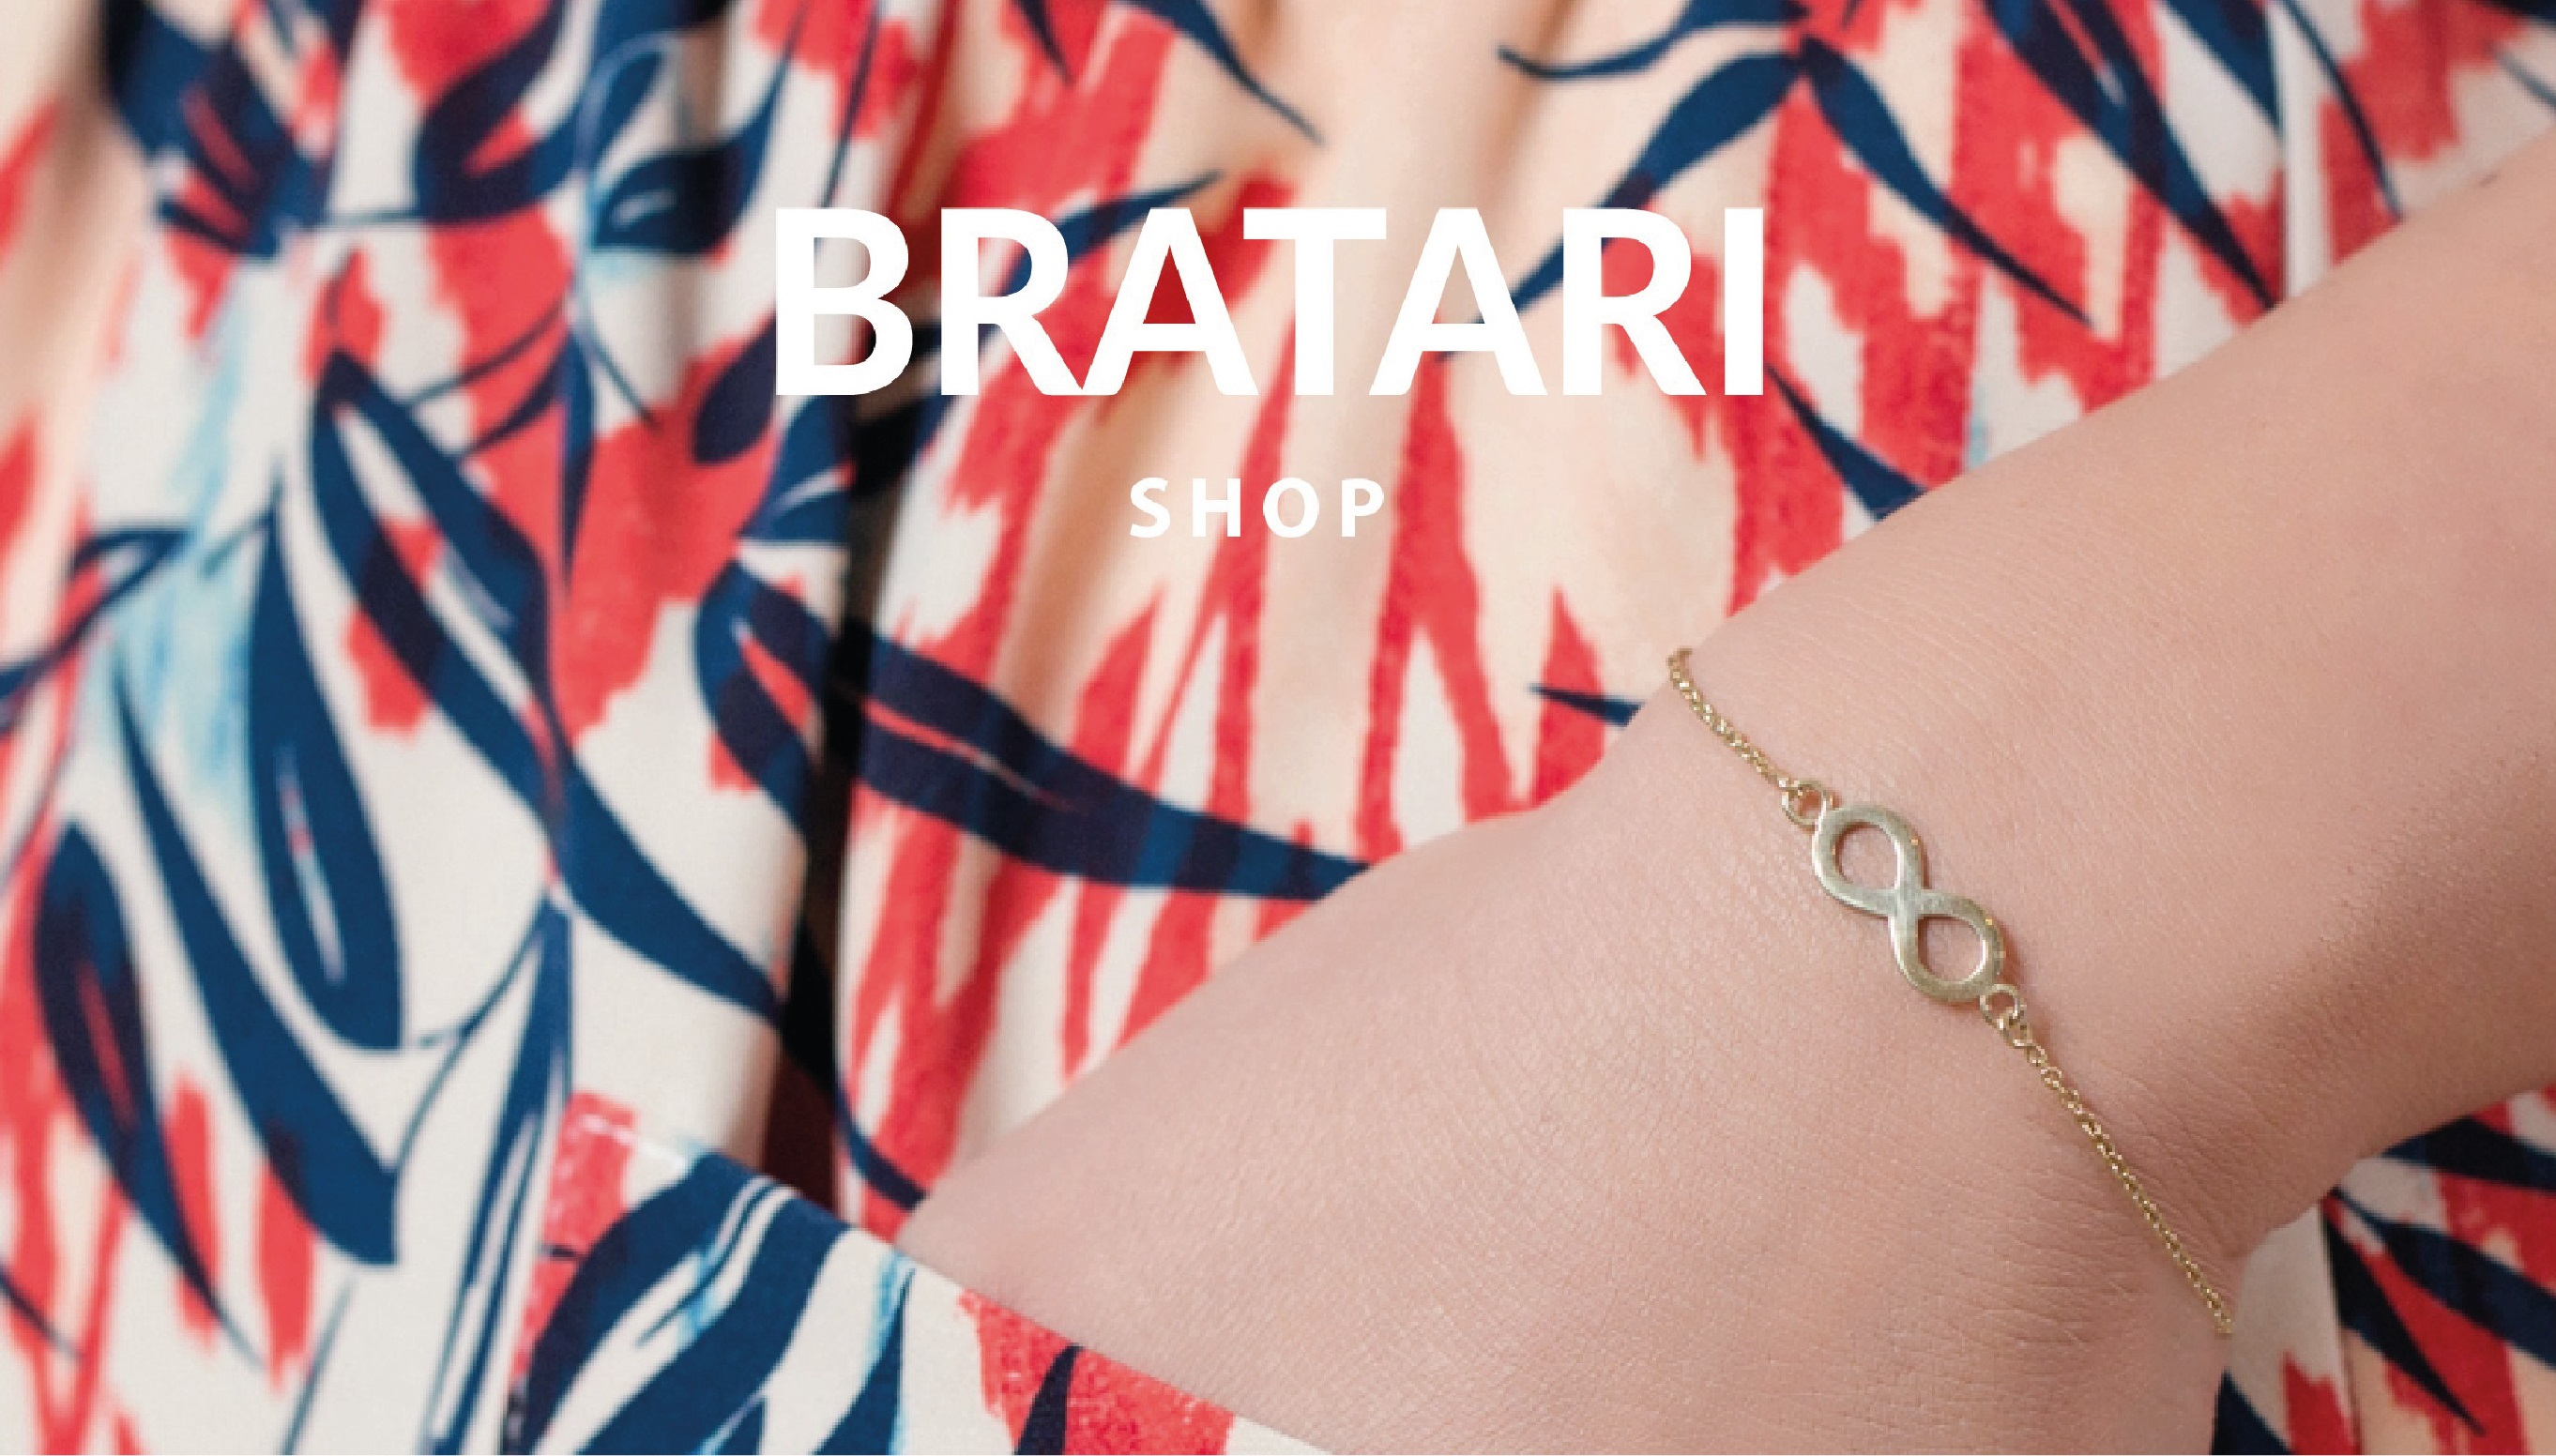 4_BRATARI_MOBILE